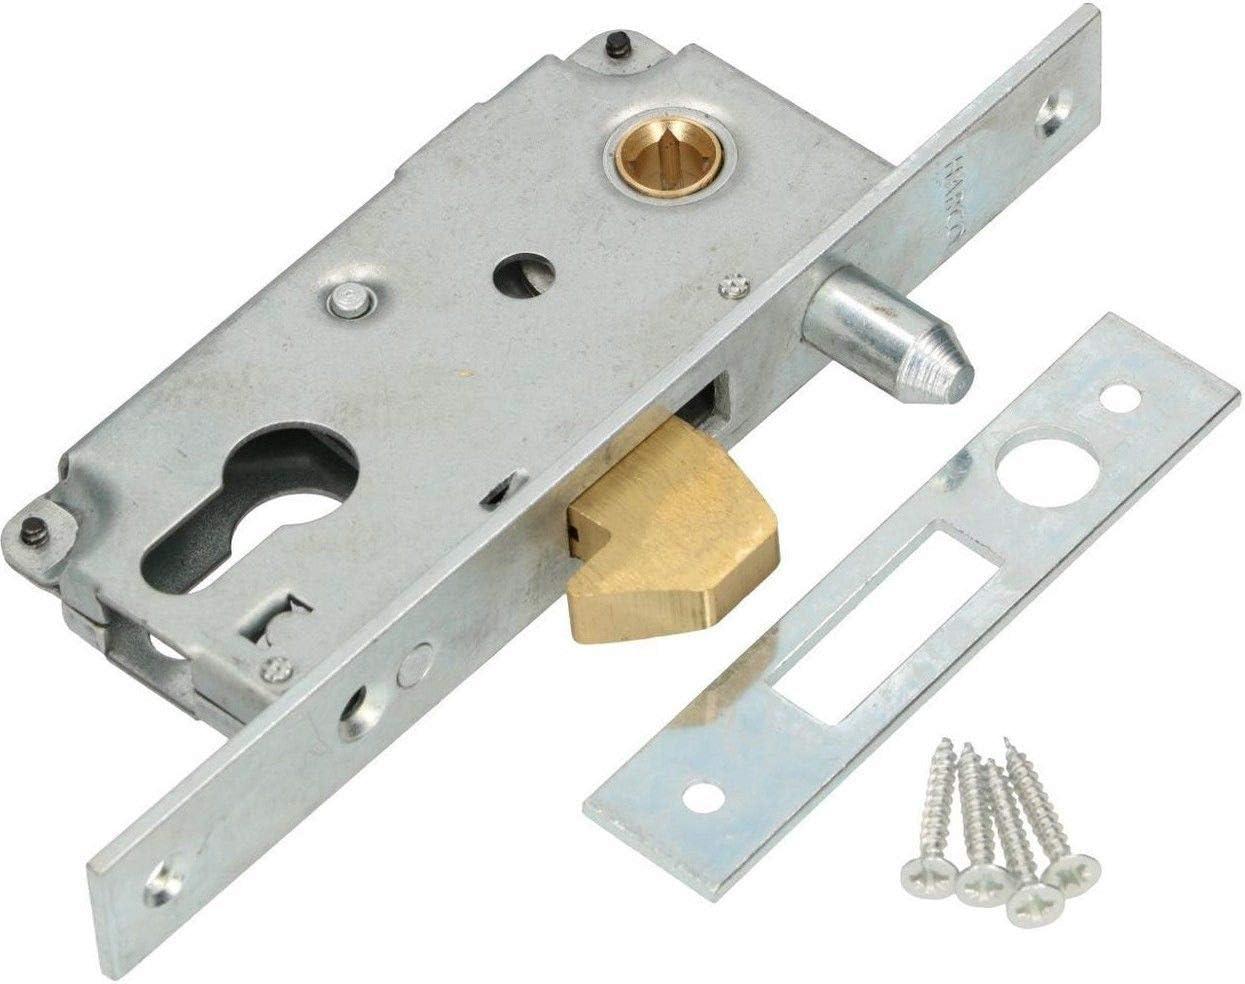 KOTARBAU® - Cerradura de gancho para puerta corredera 72/40 mandril de guía para puerta corredera, cierre de ganchos, resistente a la corrosión, chapa de cierre, puerta de entrada